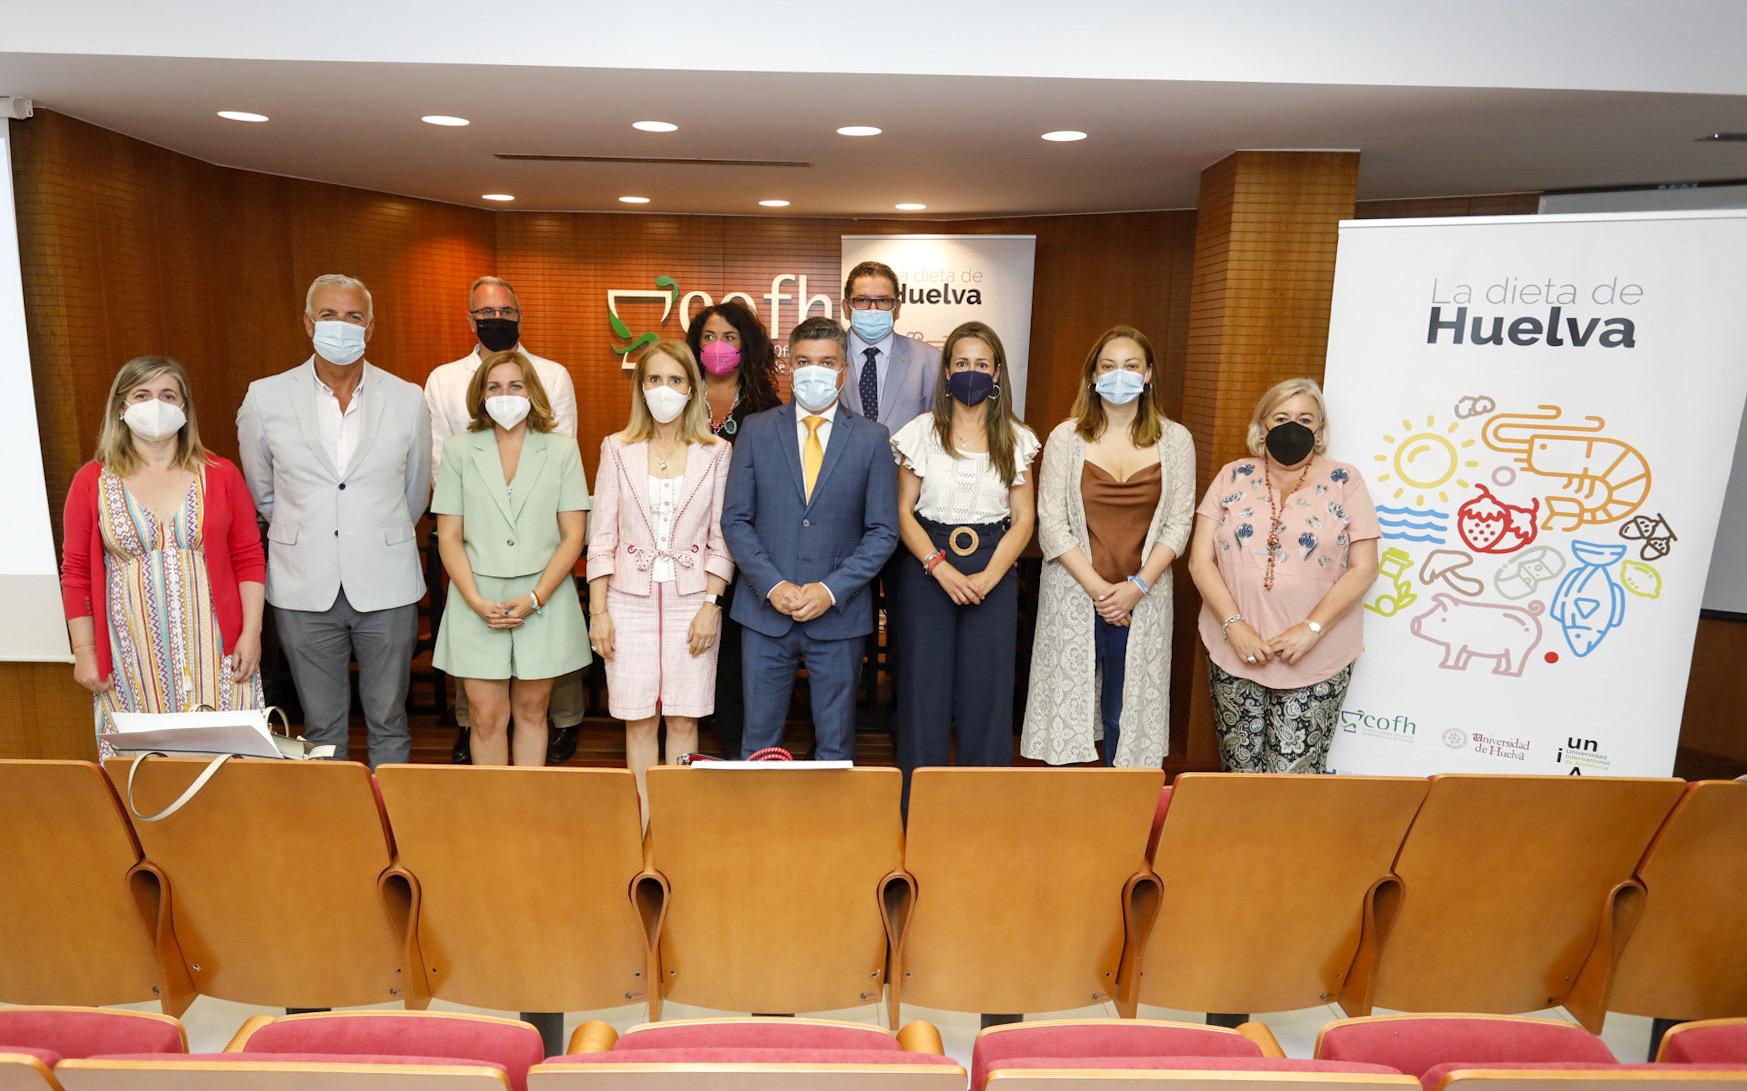 Nace 'La dieta de Huelva', iniciativa pionera para promover una nutrición saludable basada en alimentos onubenses